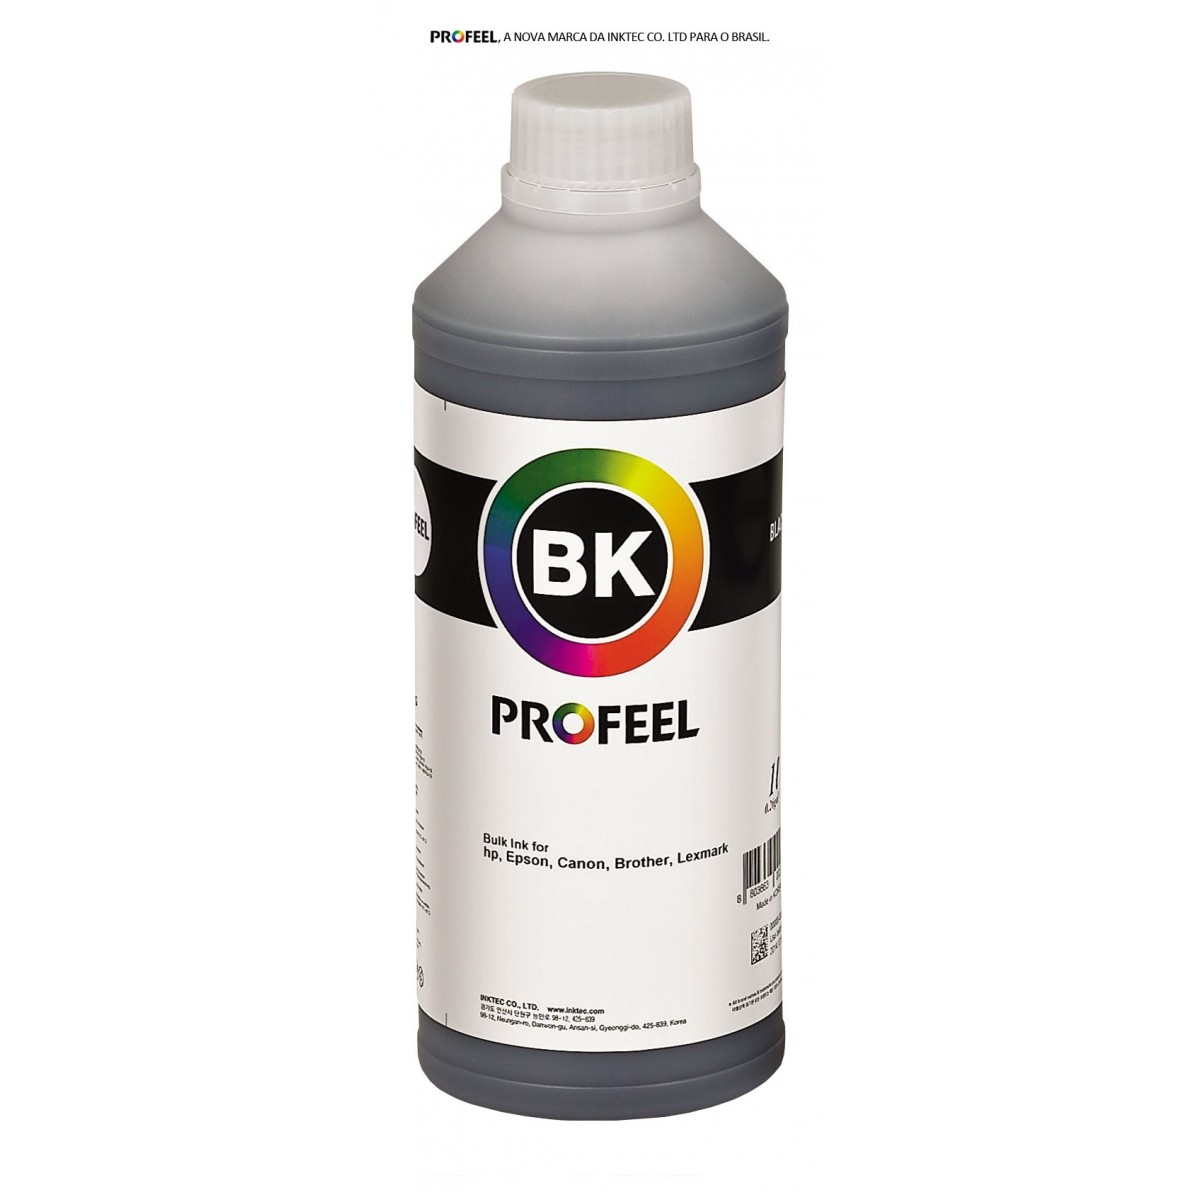 Tinta corante InkTec Profeel modelo H8950D-01LB | Frasco de 1 litro | Cor : Preta